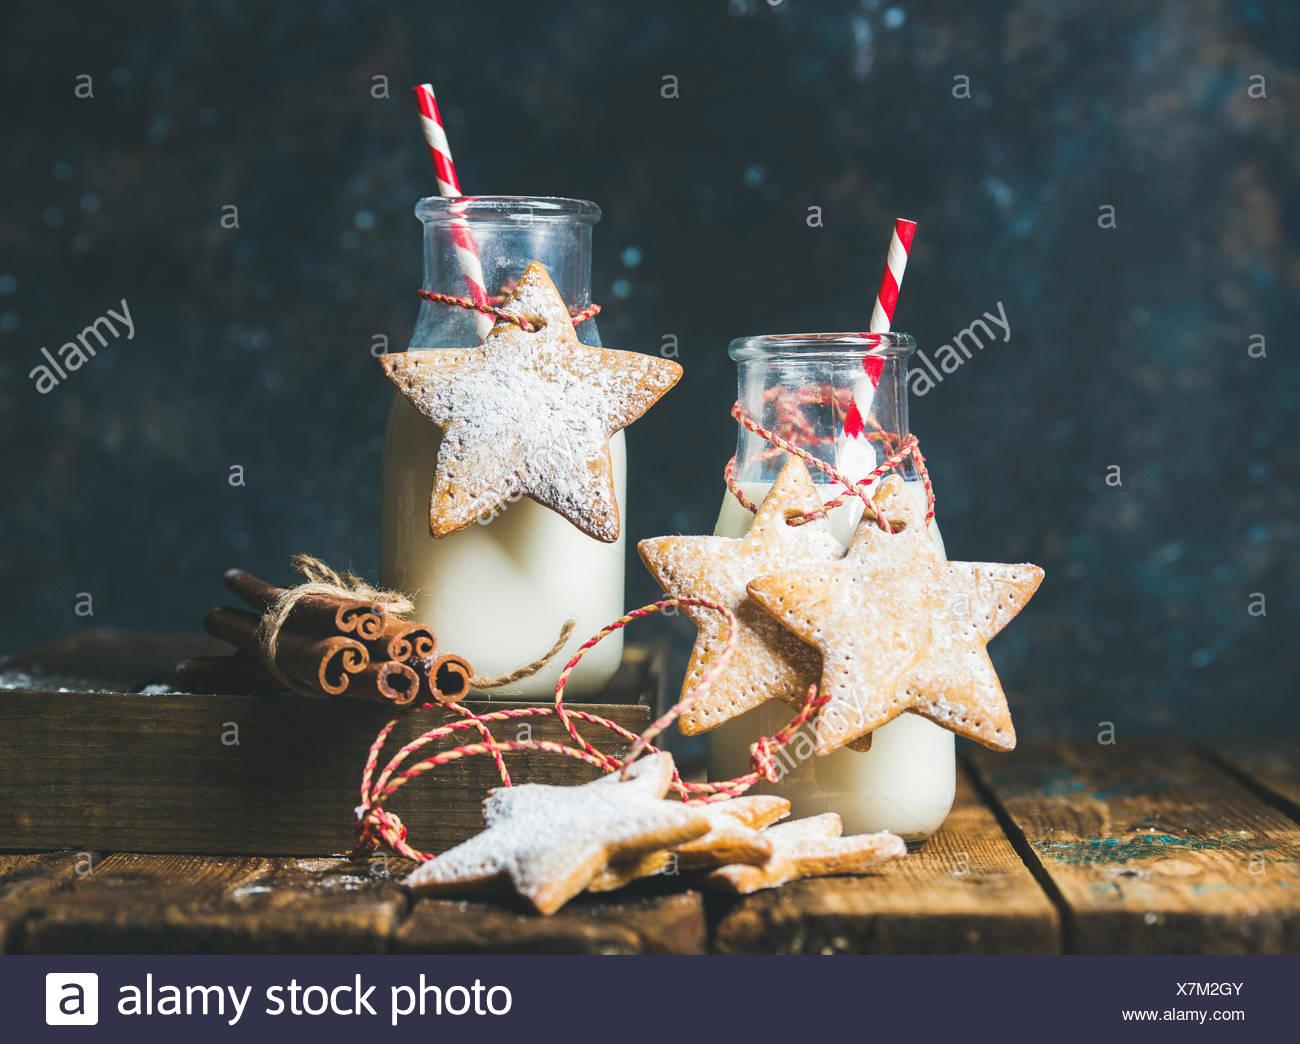 Flasche mit Milch für den Weihnachtsmann, Weihnachten festlich Lebkuchen sternförmige Cookies mit Dekoration Seil, Gewürze auf rustikalen Holztisch, dunkle Blau Zeitmessung Stockbild